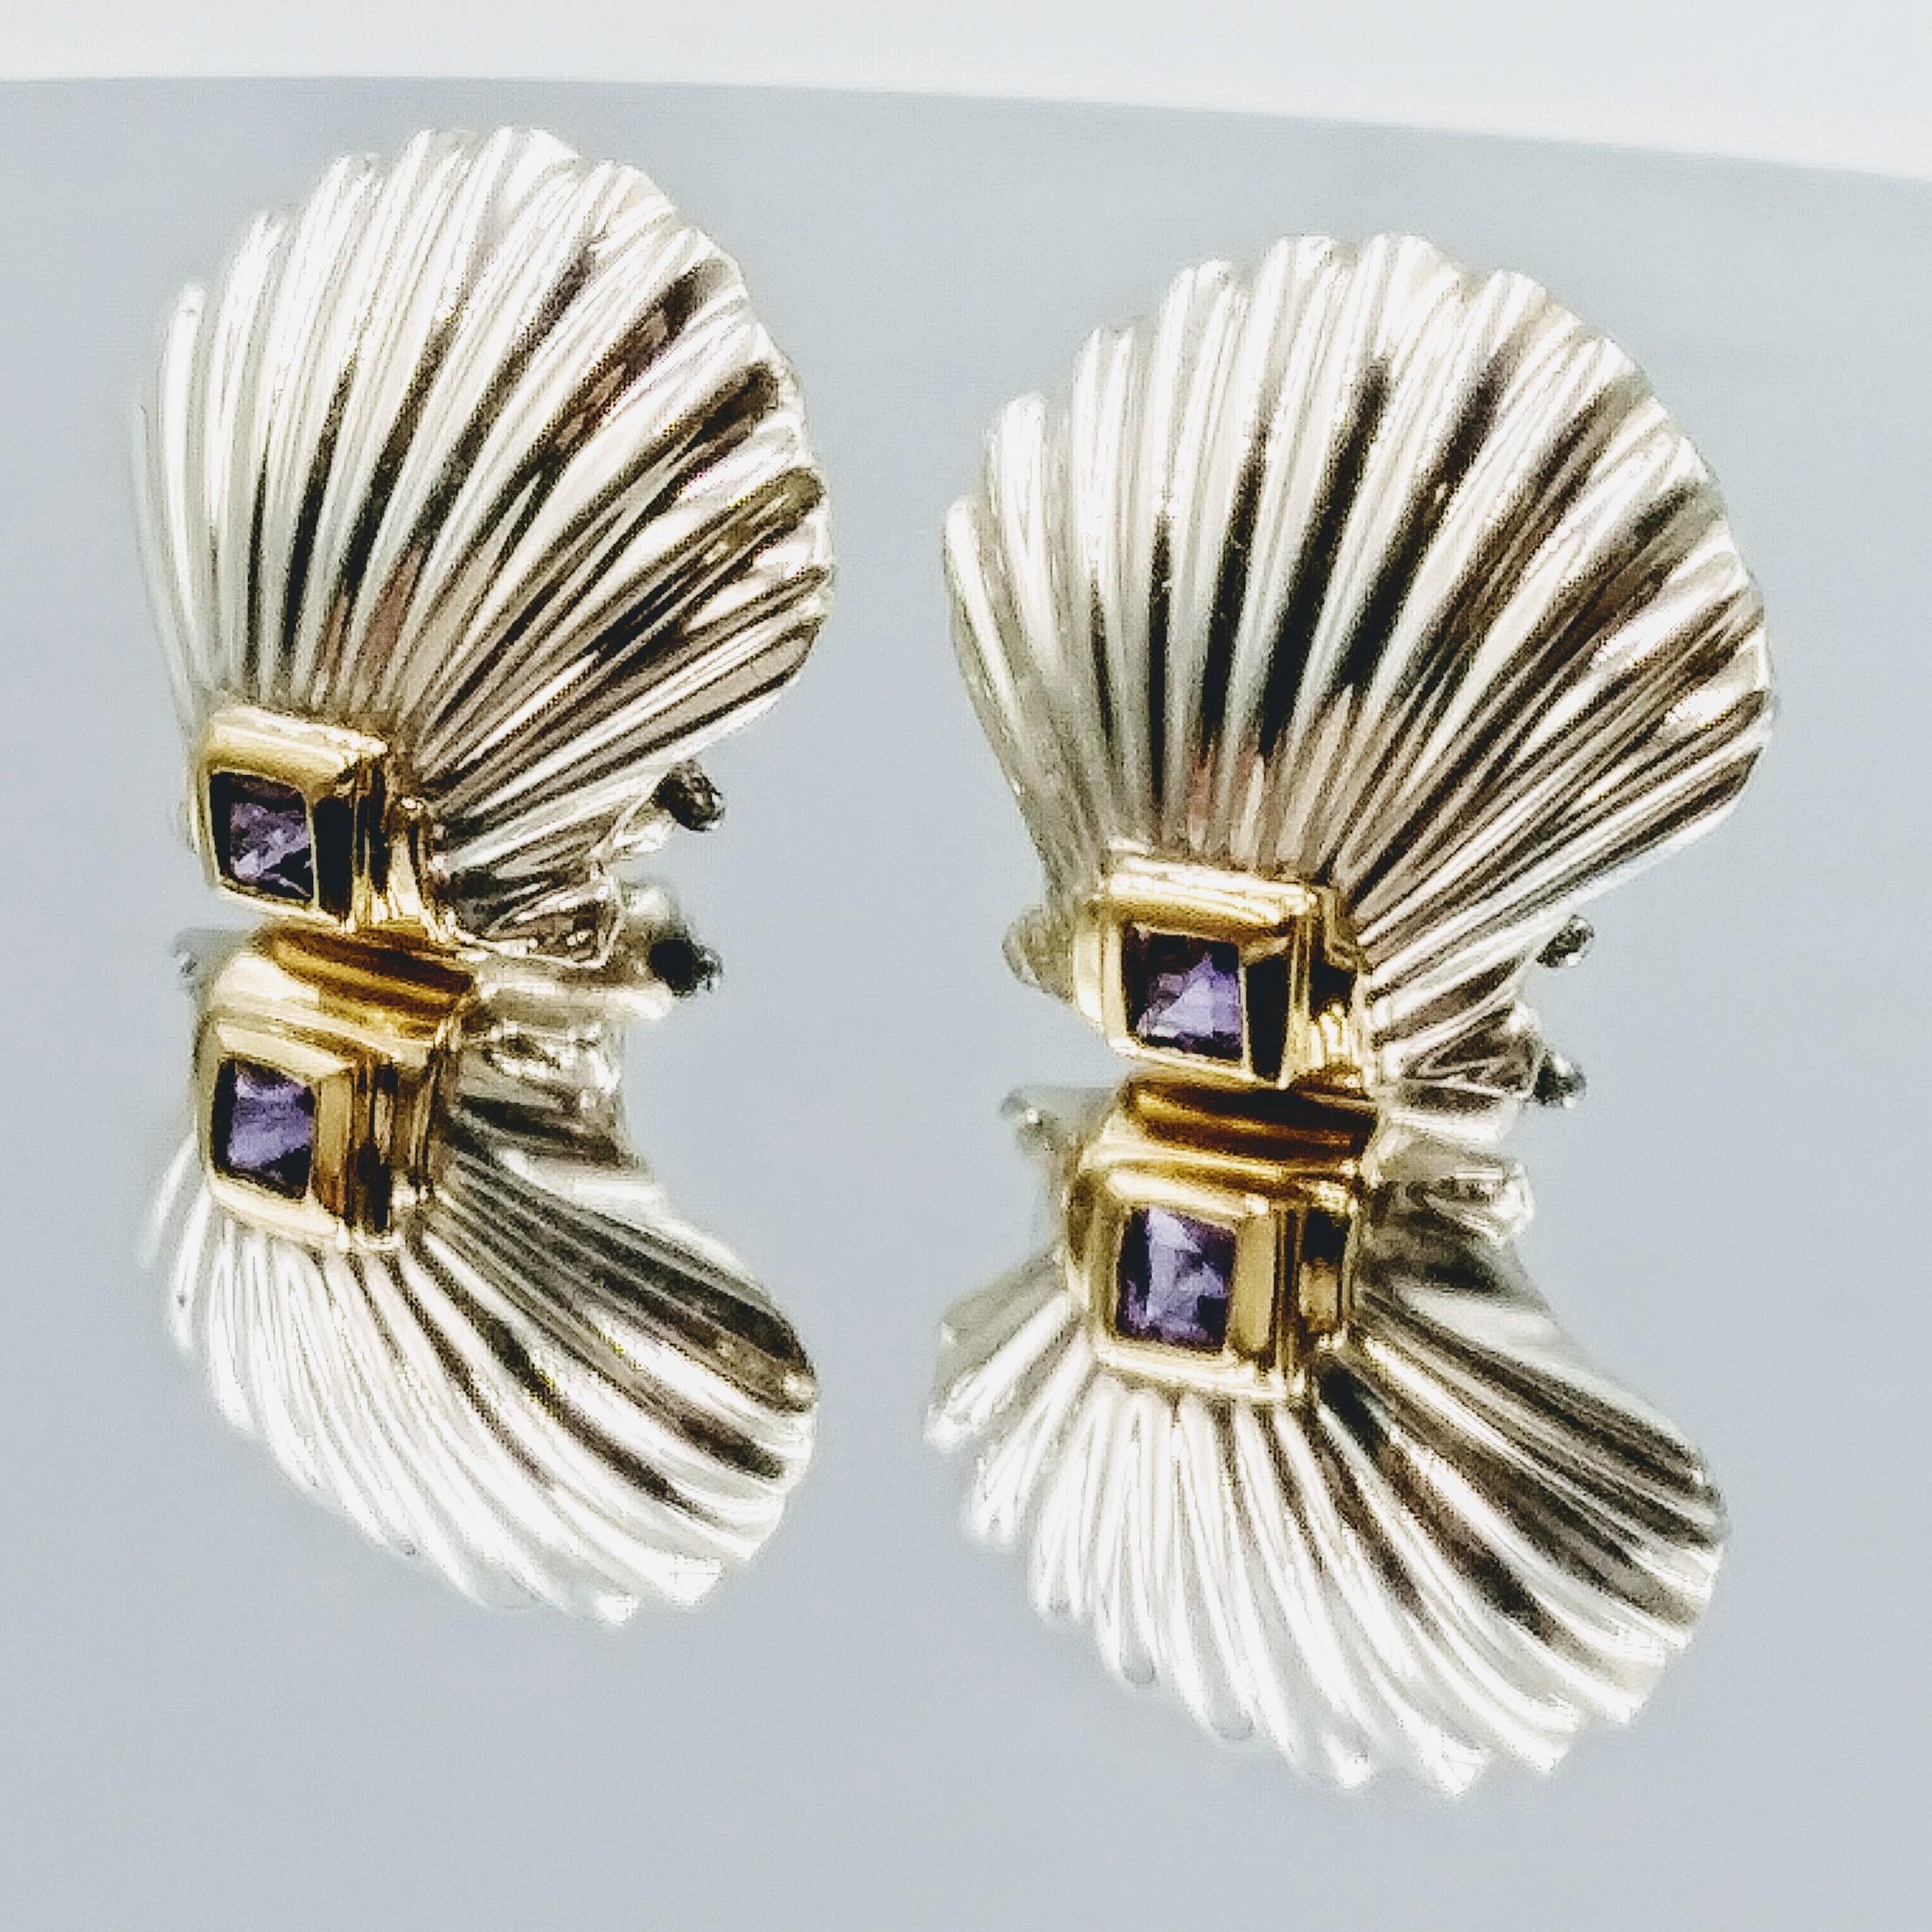 <b>Tiffany & Co.</b> Antique Sterling Silver & 14Karat Gold & Purple Rubies Shell Earrings